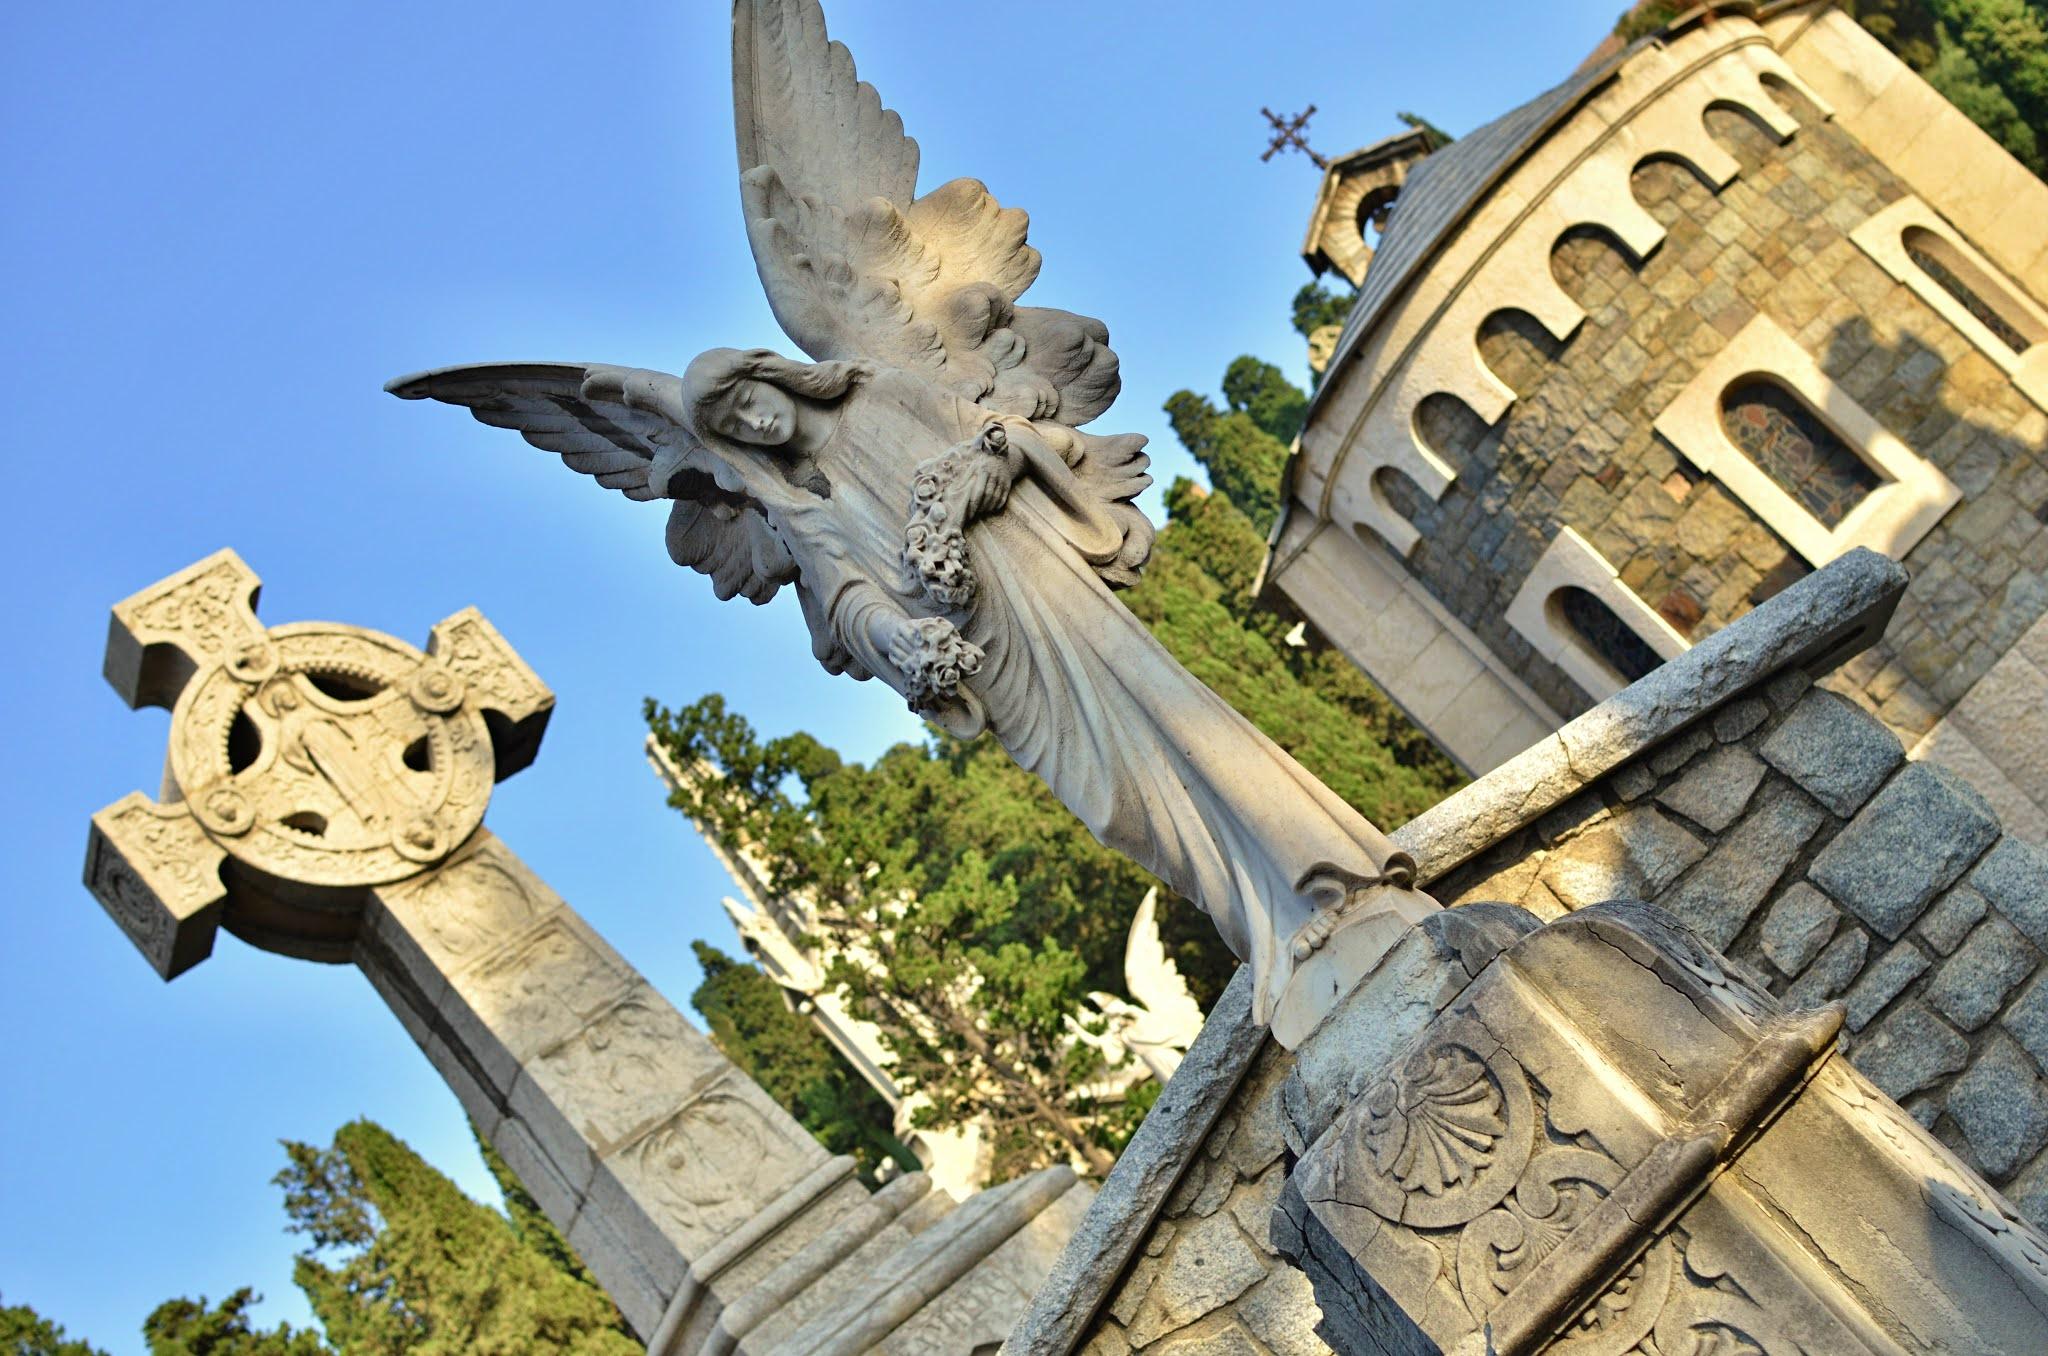 Cemetery of Montjuïc (Barcelona, Spain)